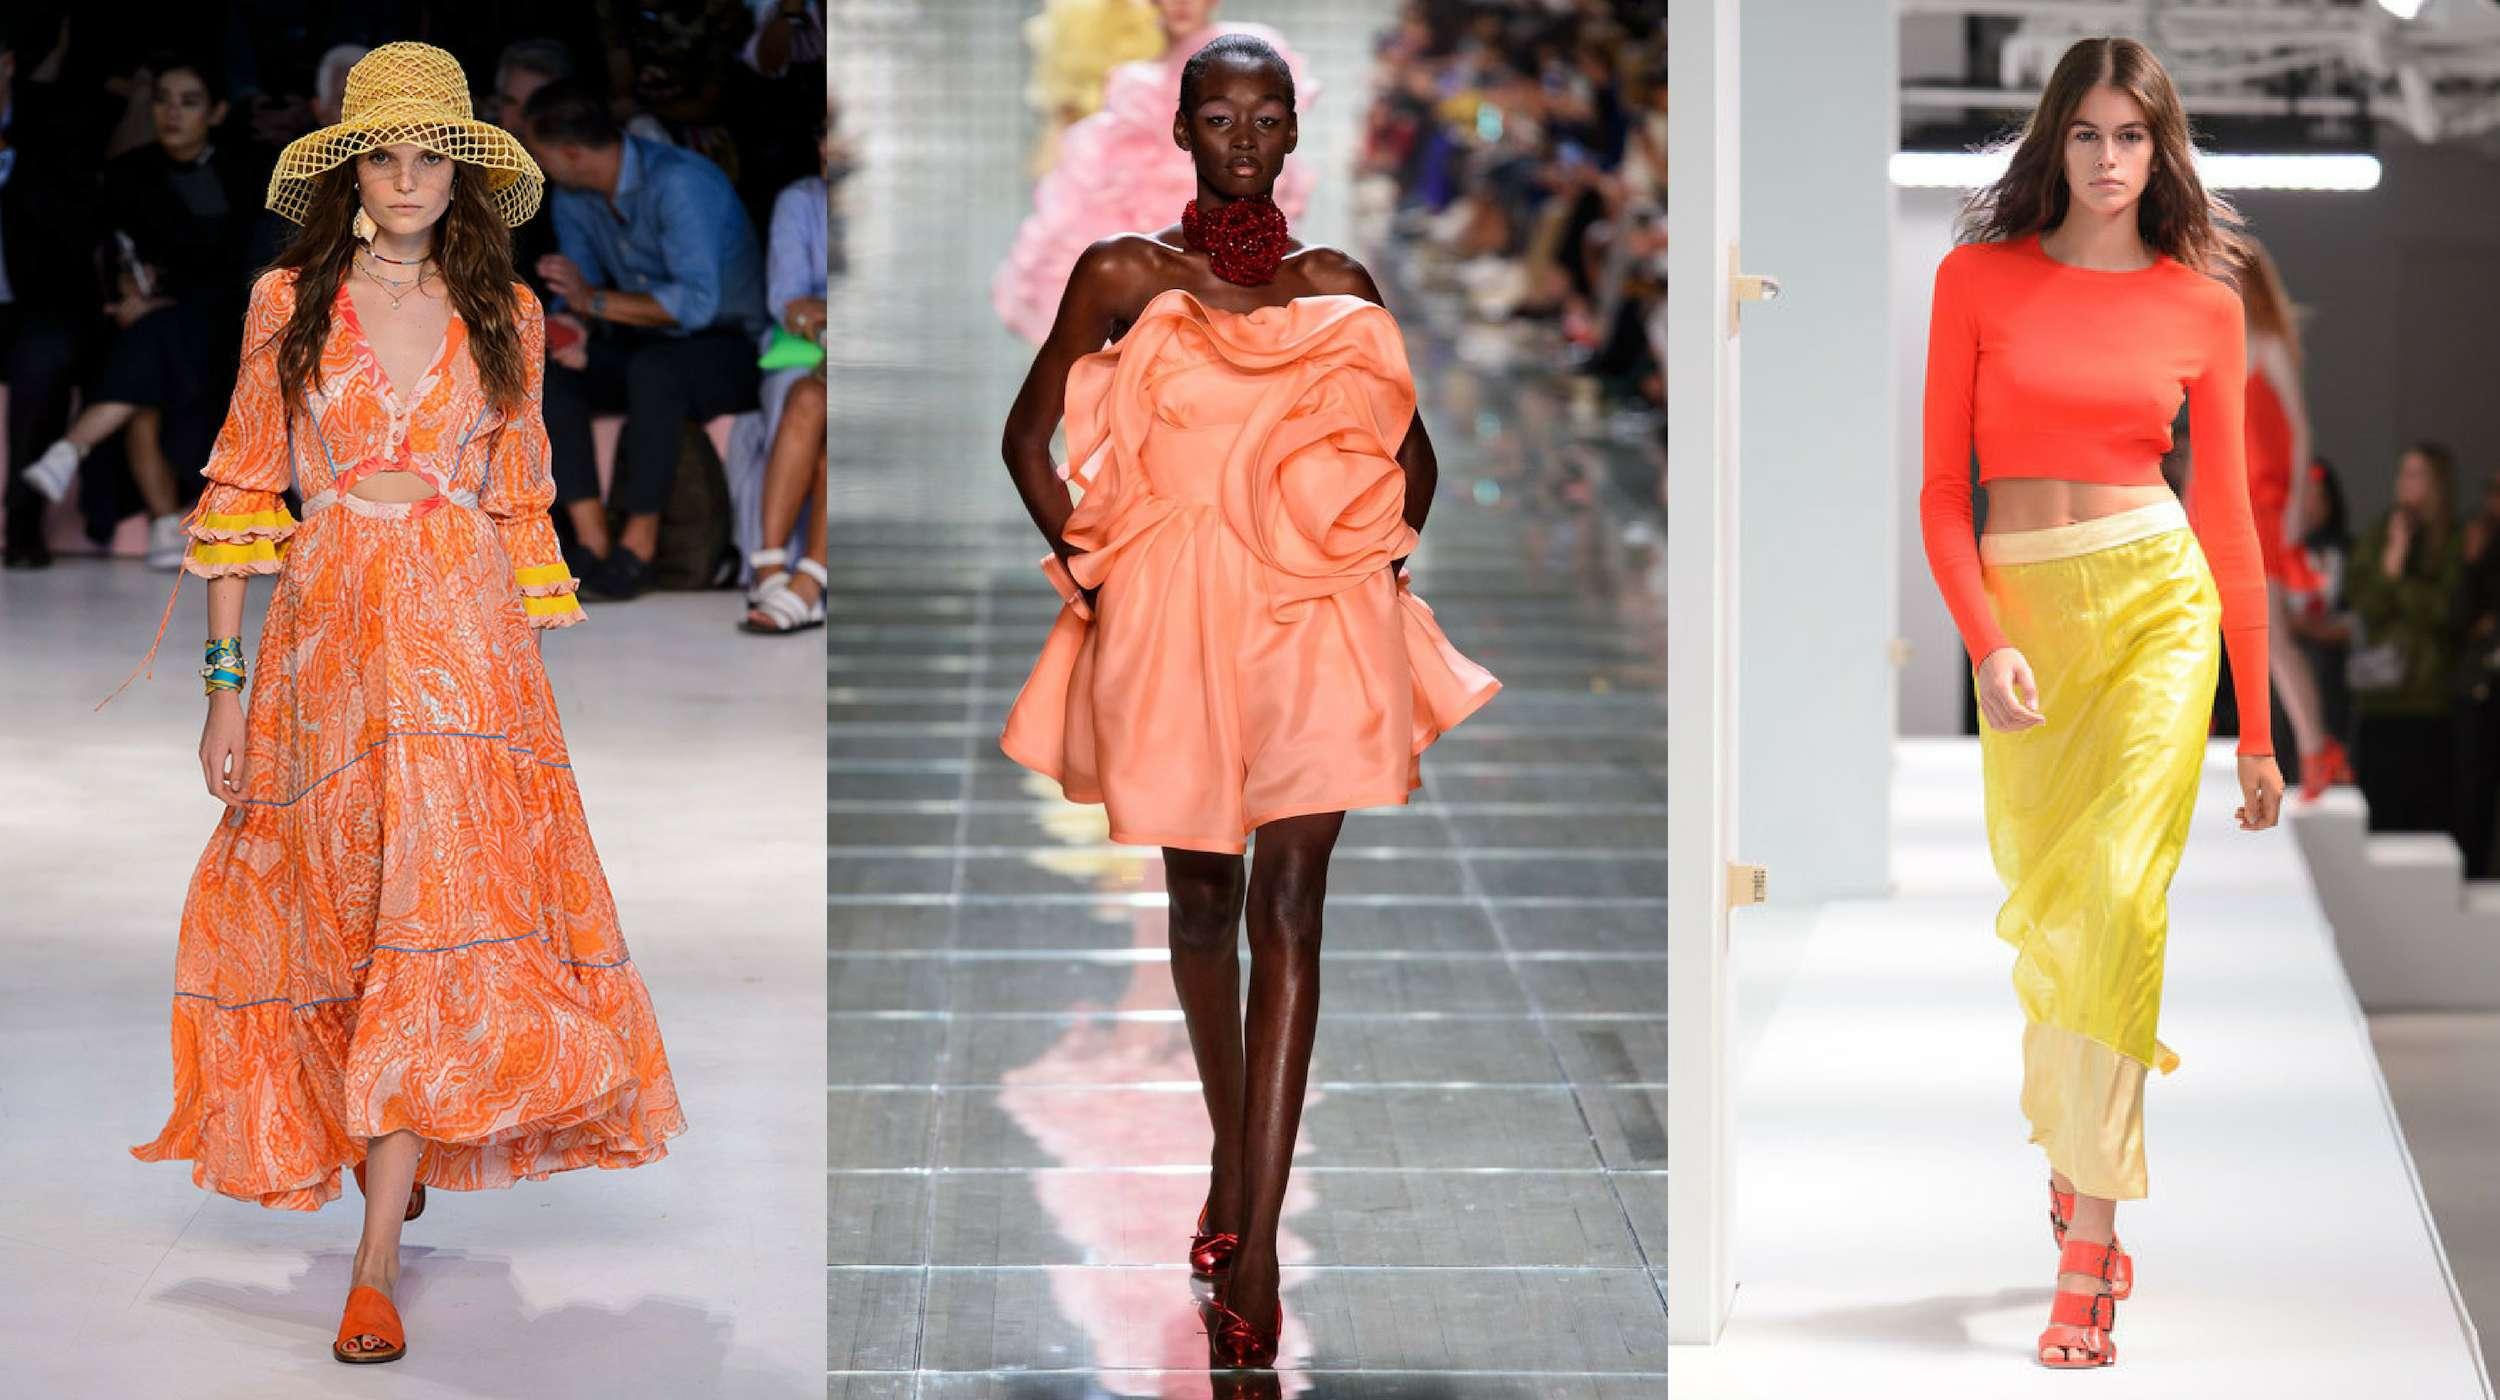 Đỏ cam là ngọn lửa rực rỡ tỏa sáng nhất và được dự báo sẽ bùng nổ trong năm nay